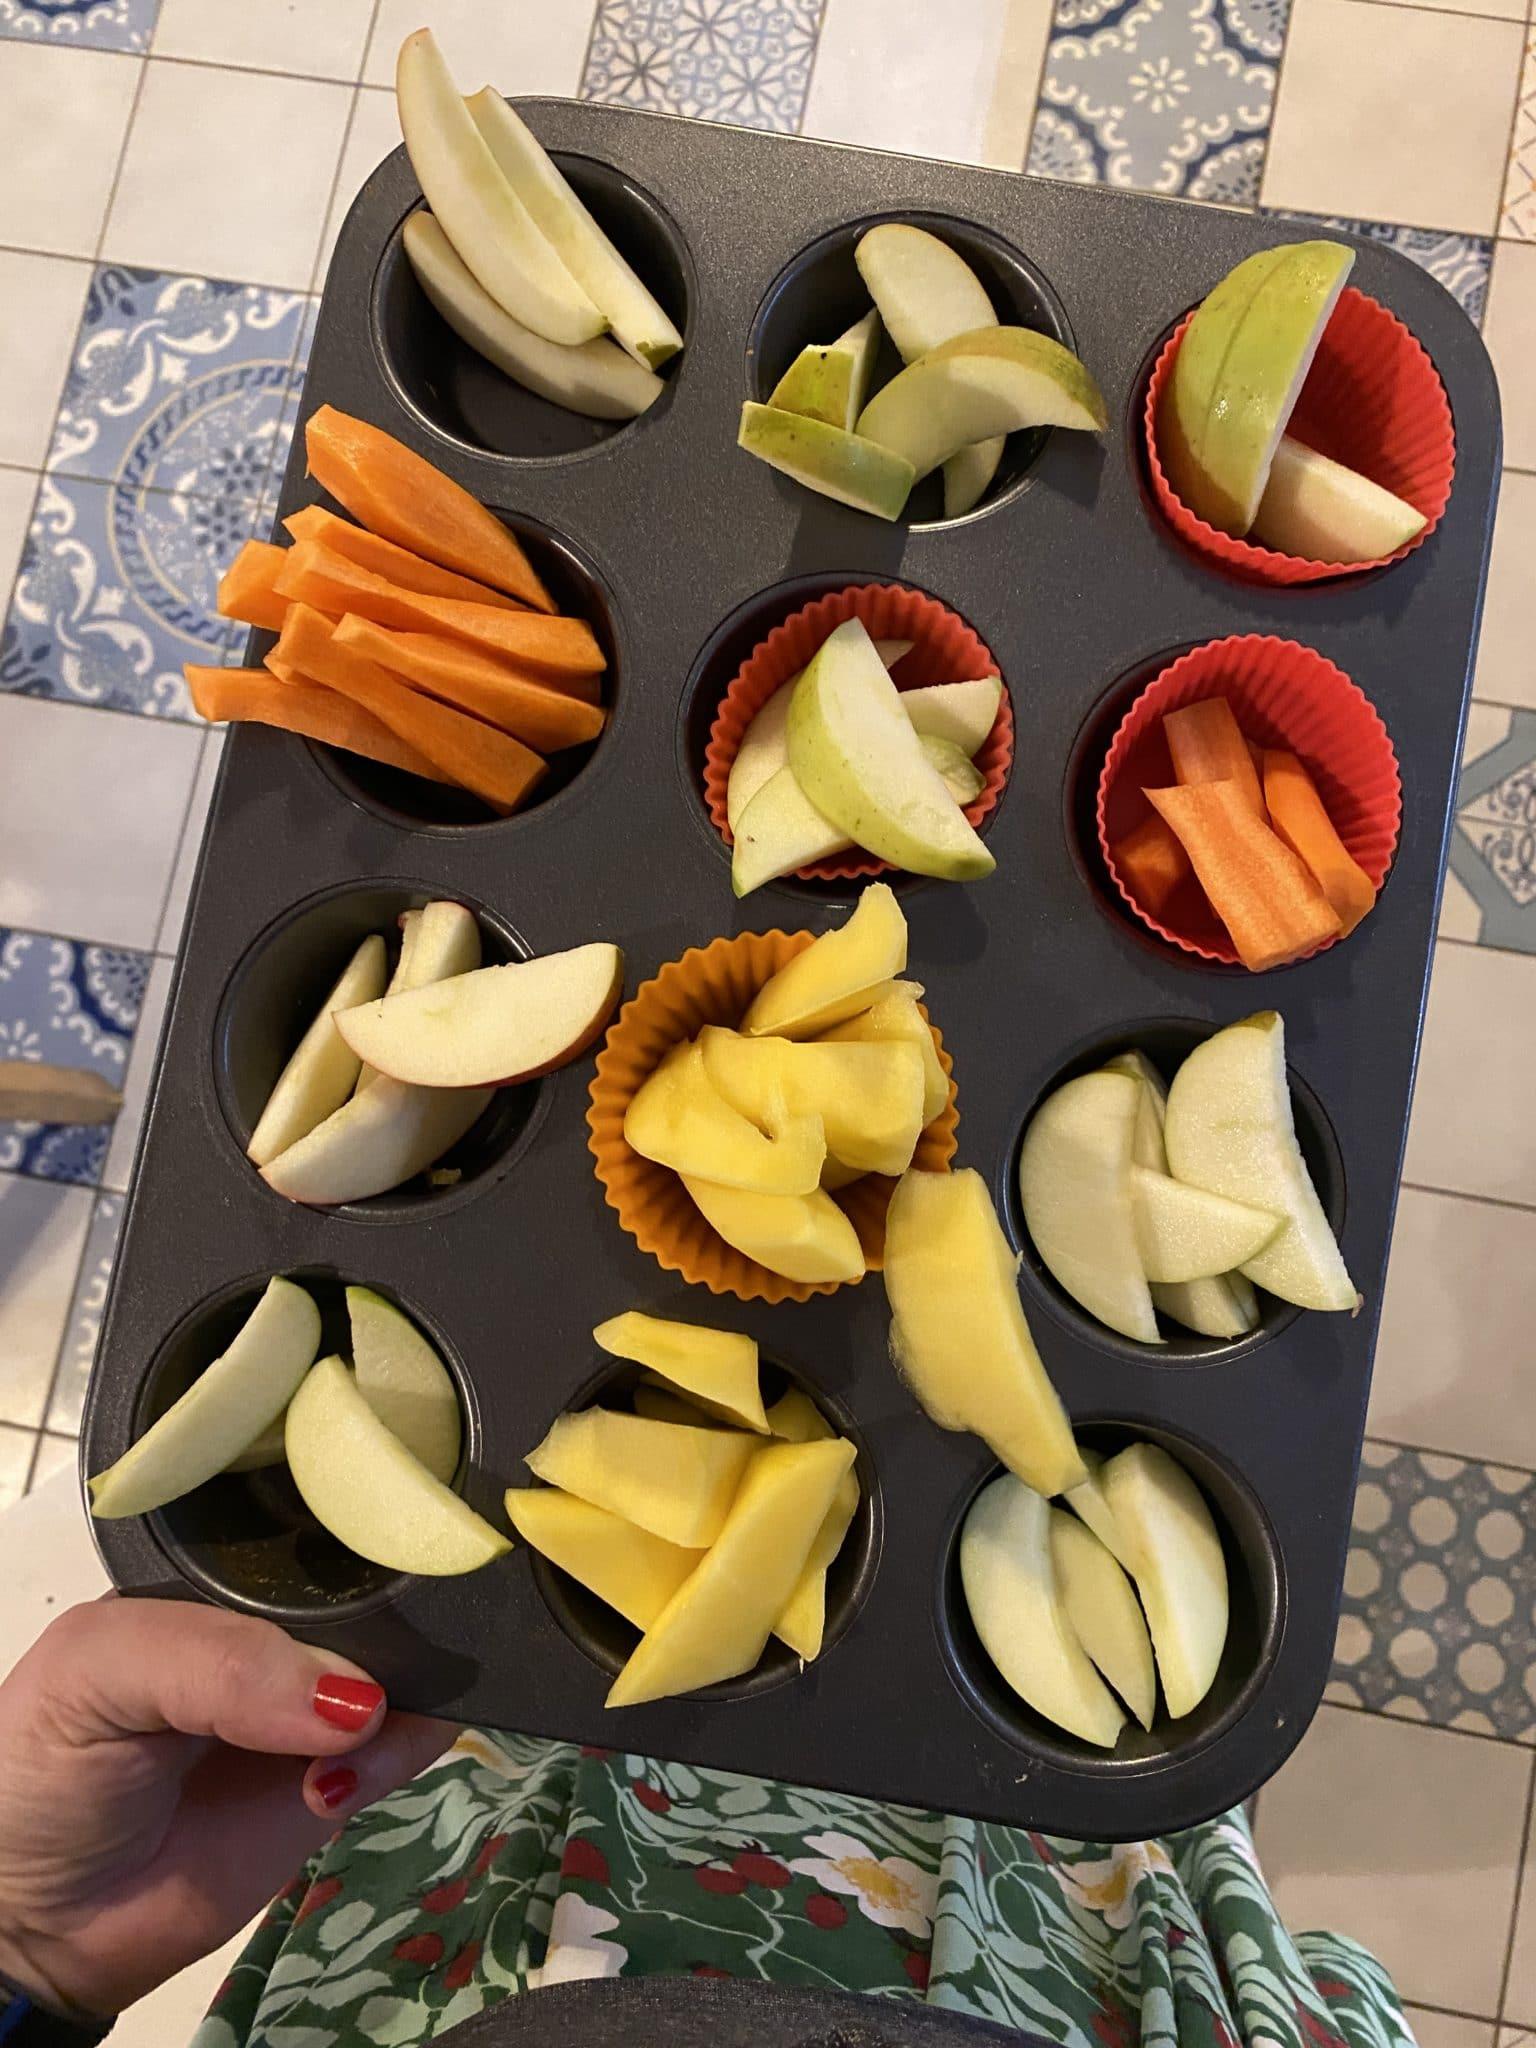 und zum Abschluss des Tages: Obstfluencer.